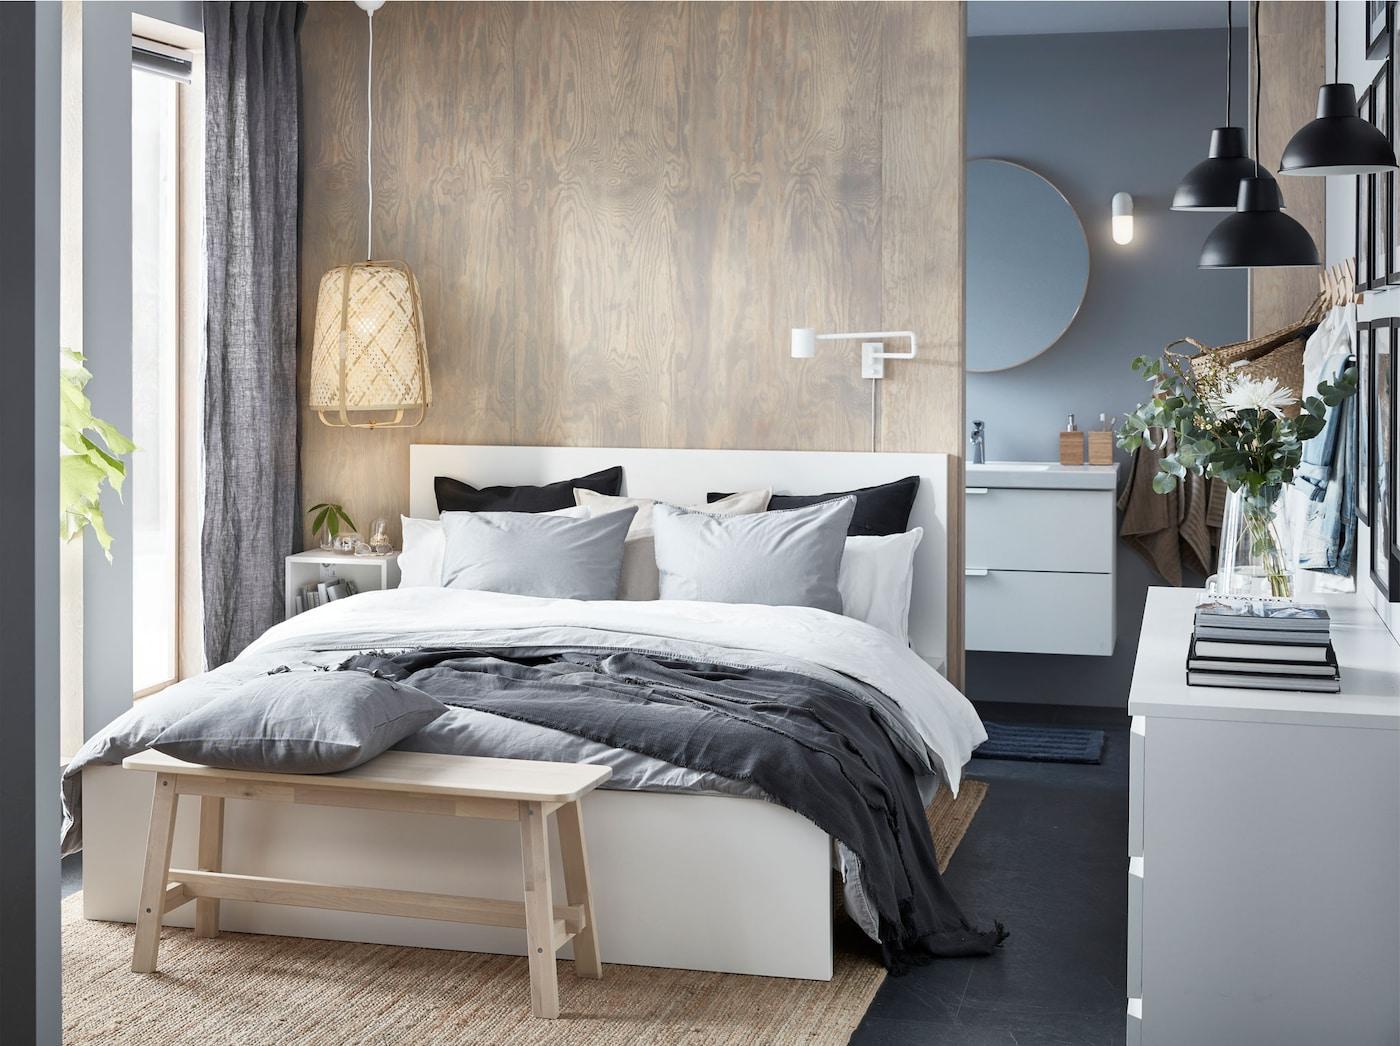 conjuntos dormitorio ikea